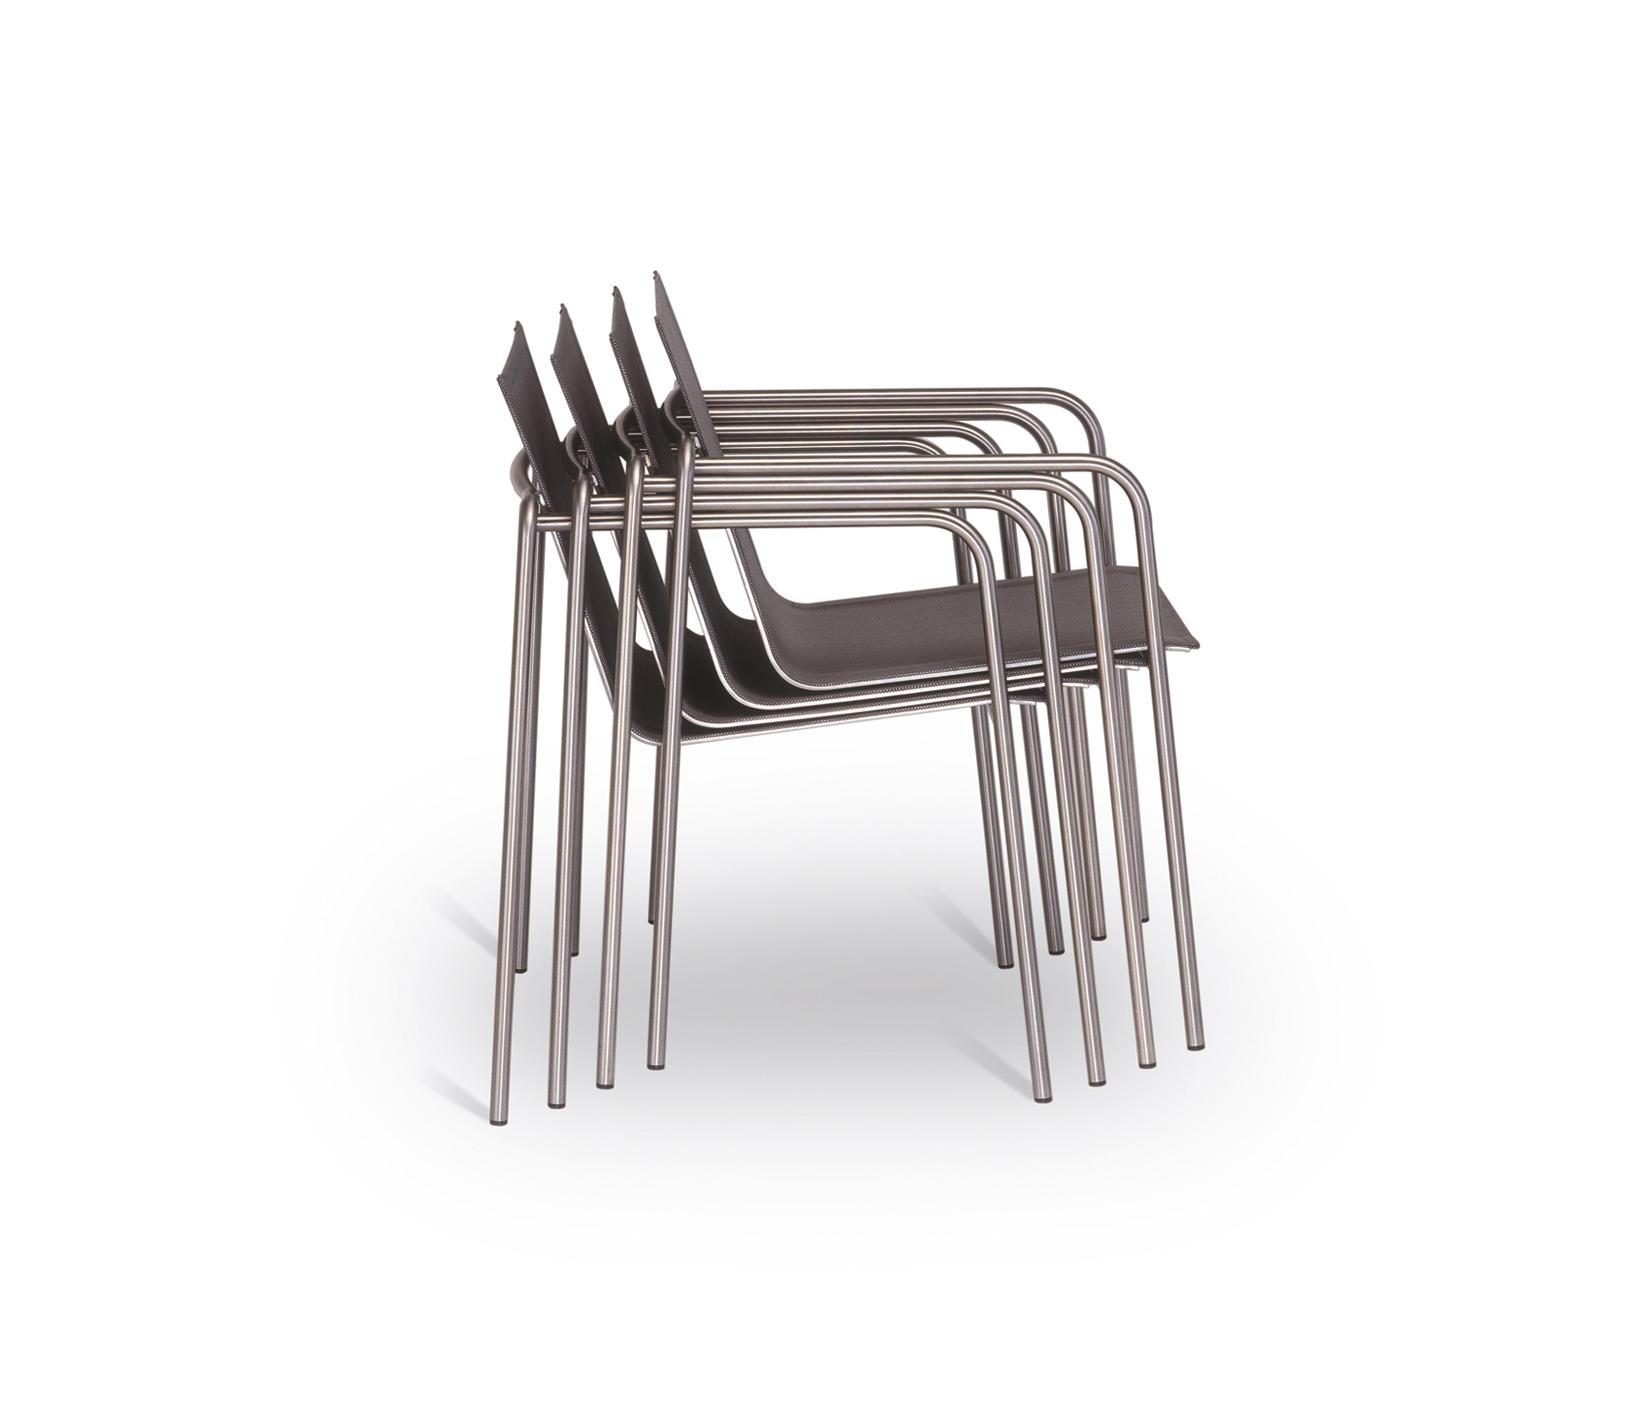 TAKU ARMCHAIR - Garden chairs from Fischer Möbel | Architonic